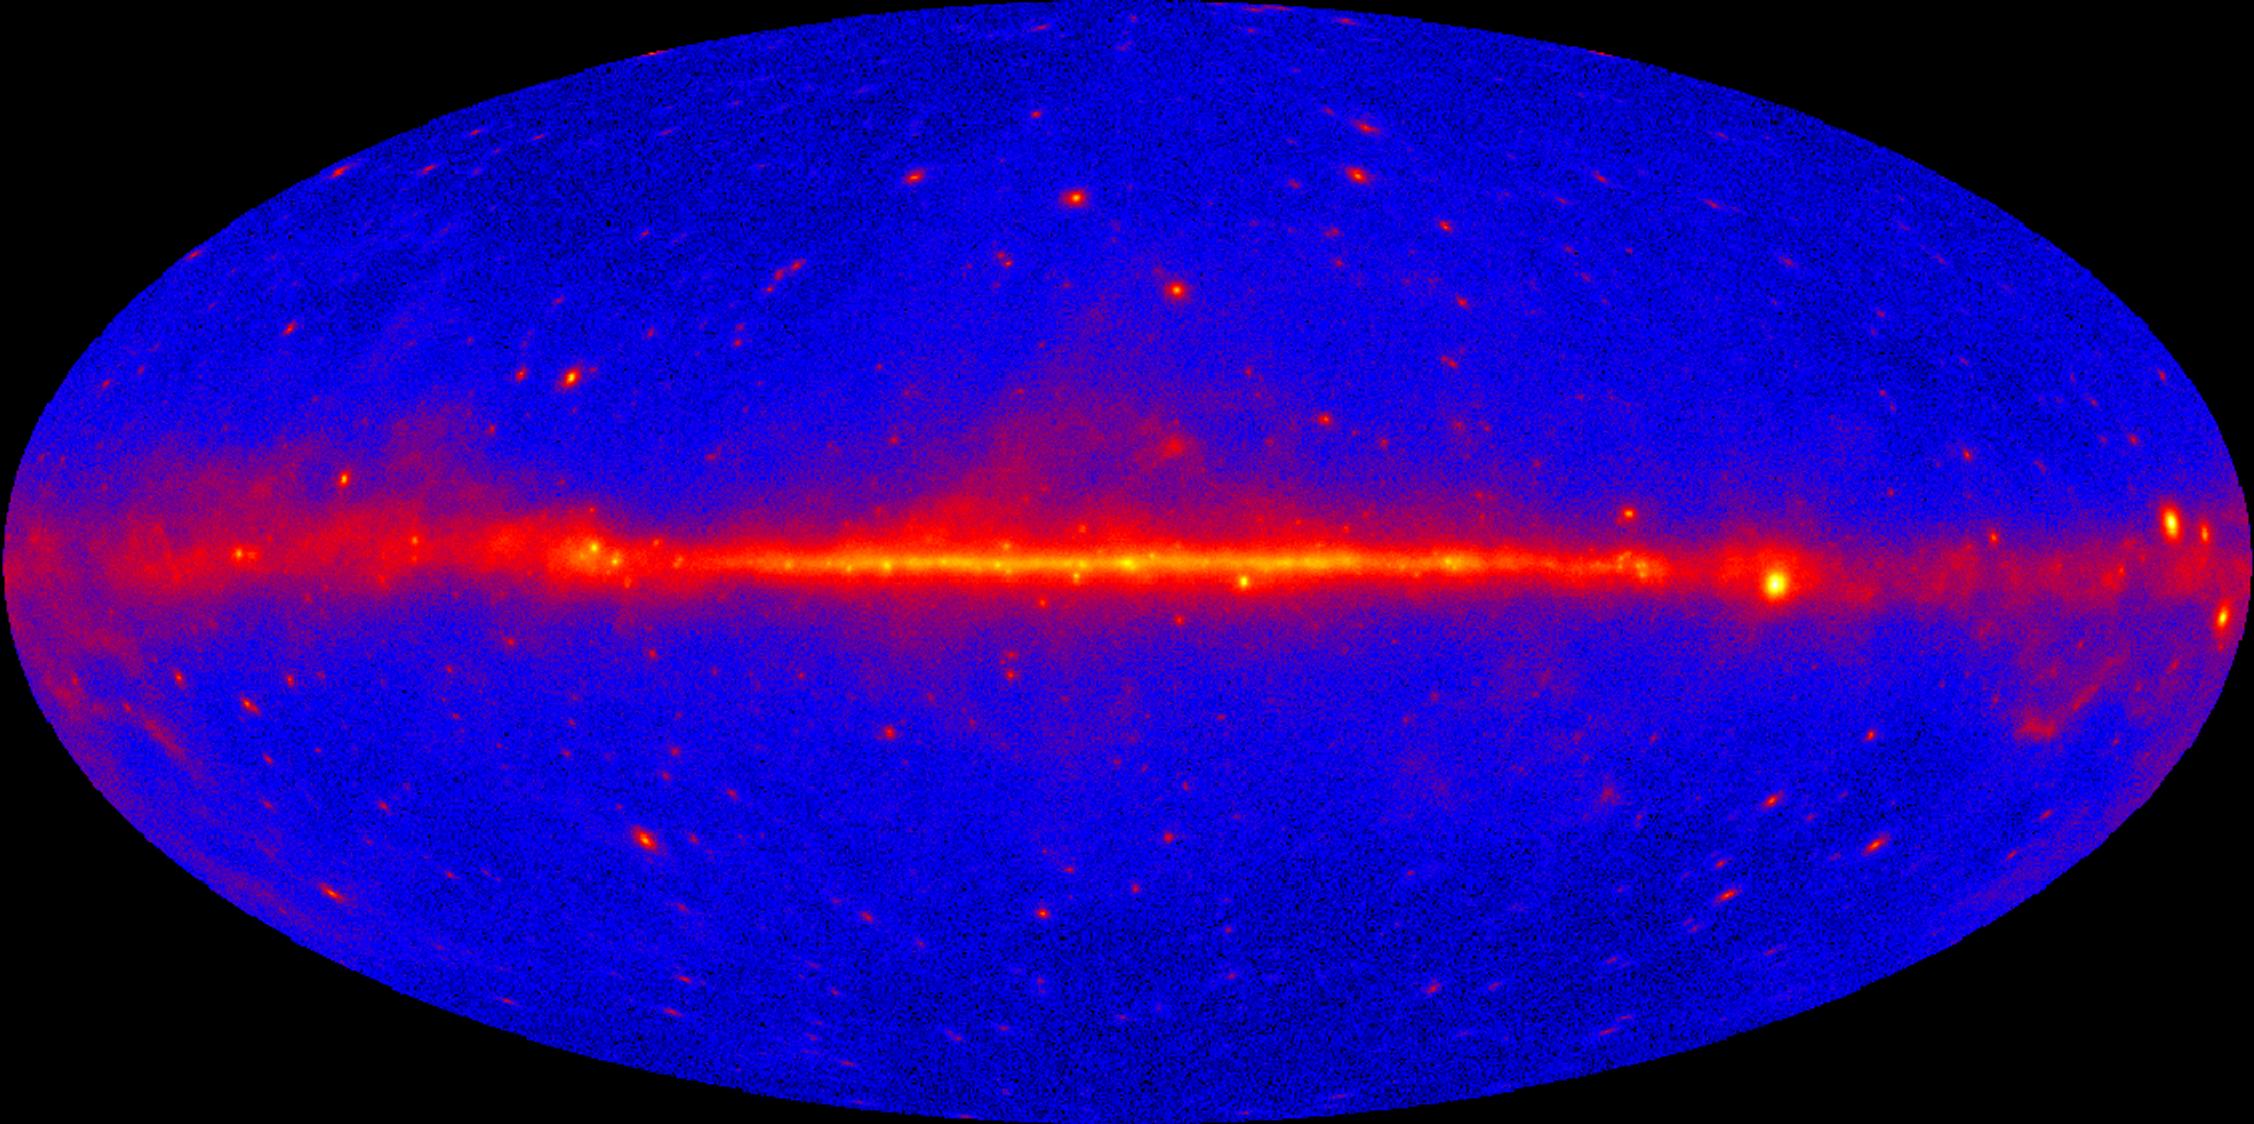 Bestiaire gamma, parution du premier catalogue des sources Fermi